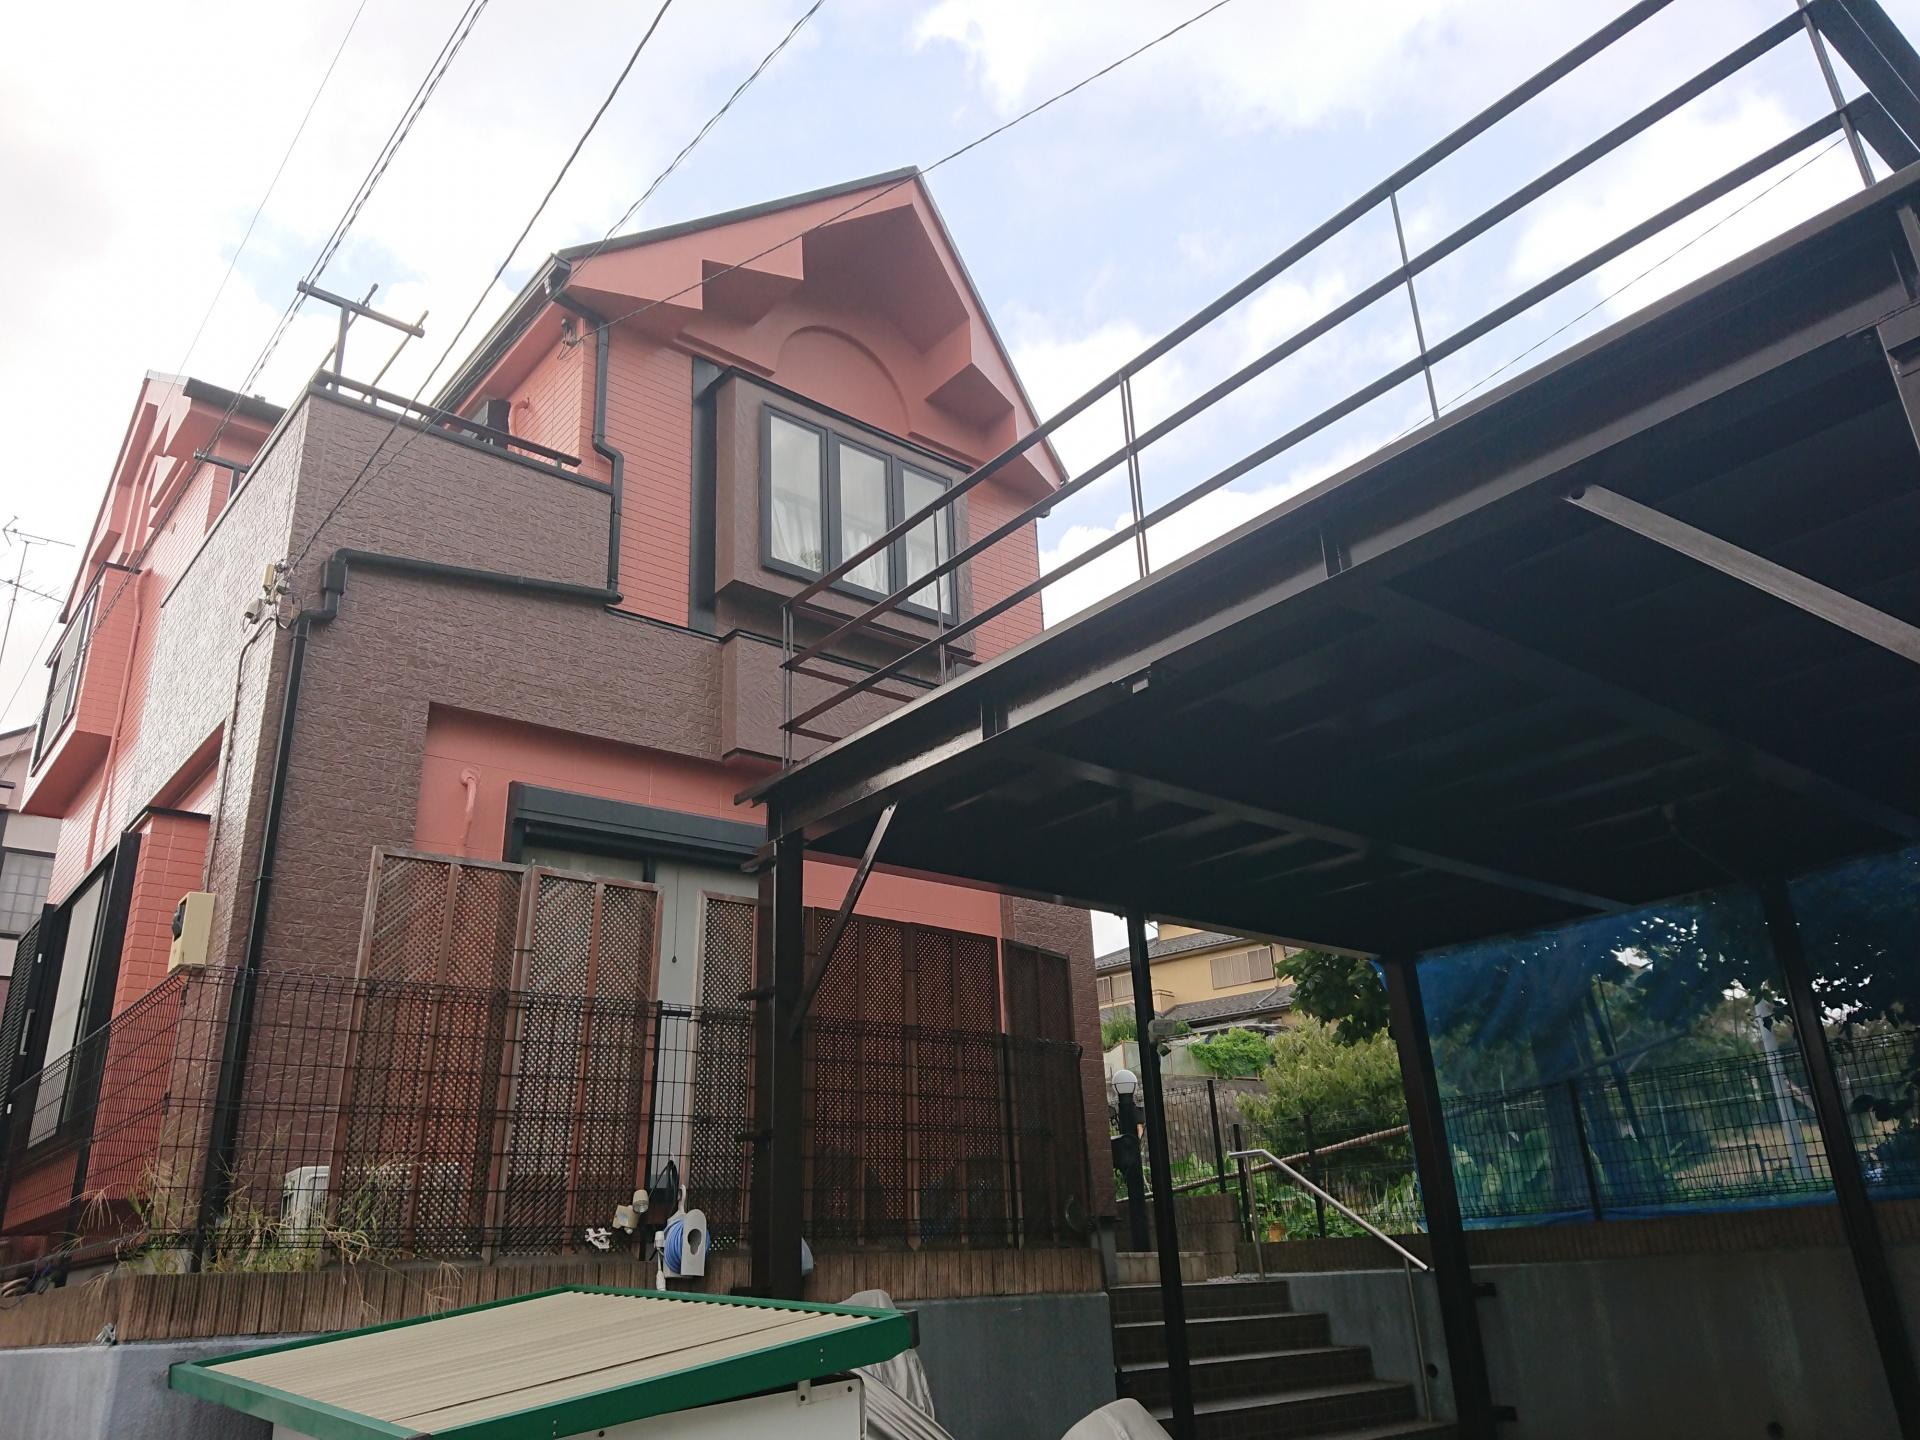 横浜市緑区で築15年目で初めての屋根外壁塗装、サーモアイSiとパーフェクトトップで寒色系から暖色系へイメージチェンジ、施工後写真